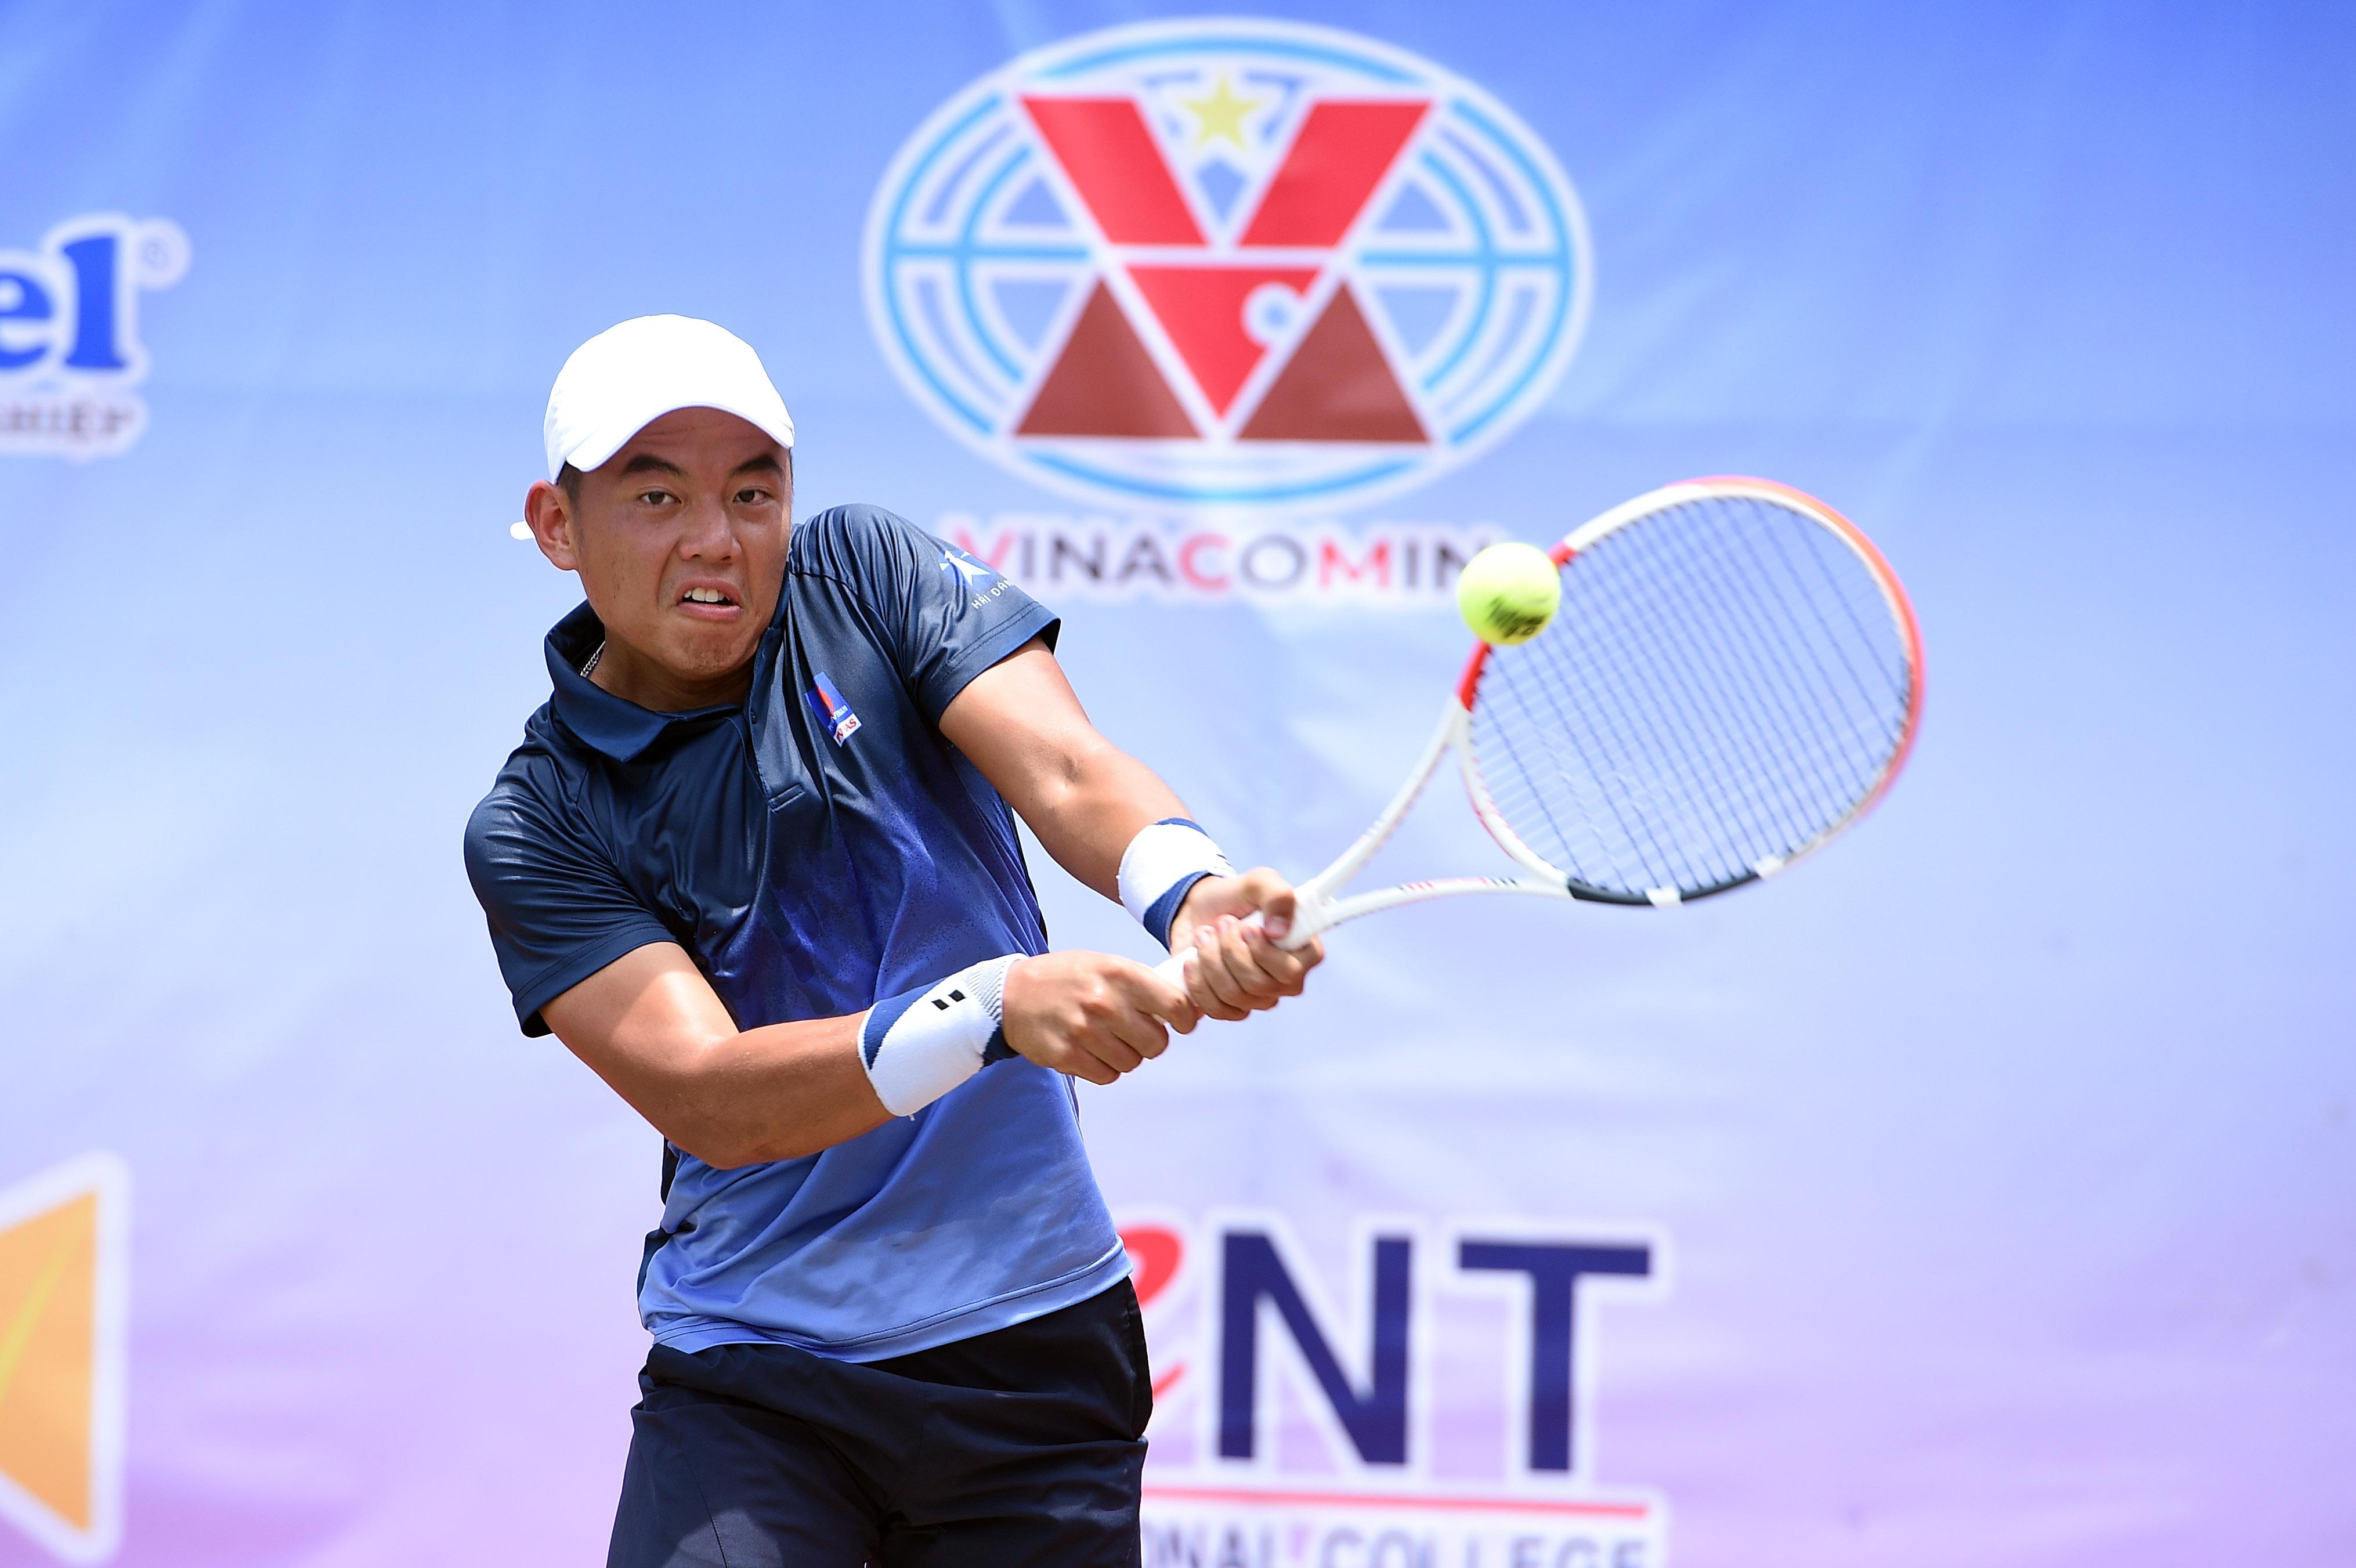 Hình ảnh: Giải quần vợt vô địch đồng đội Quốc gia 2021 kết thúc thành công tốt đẹp số 4